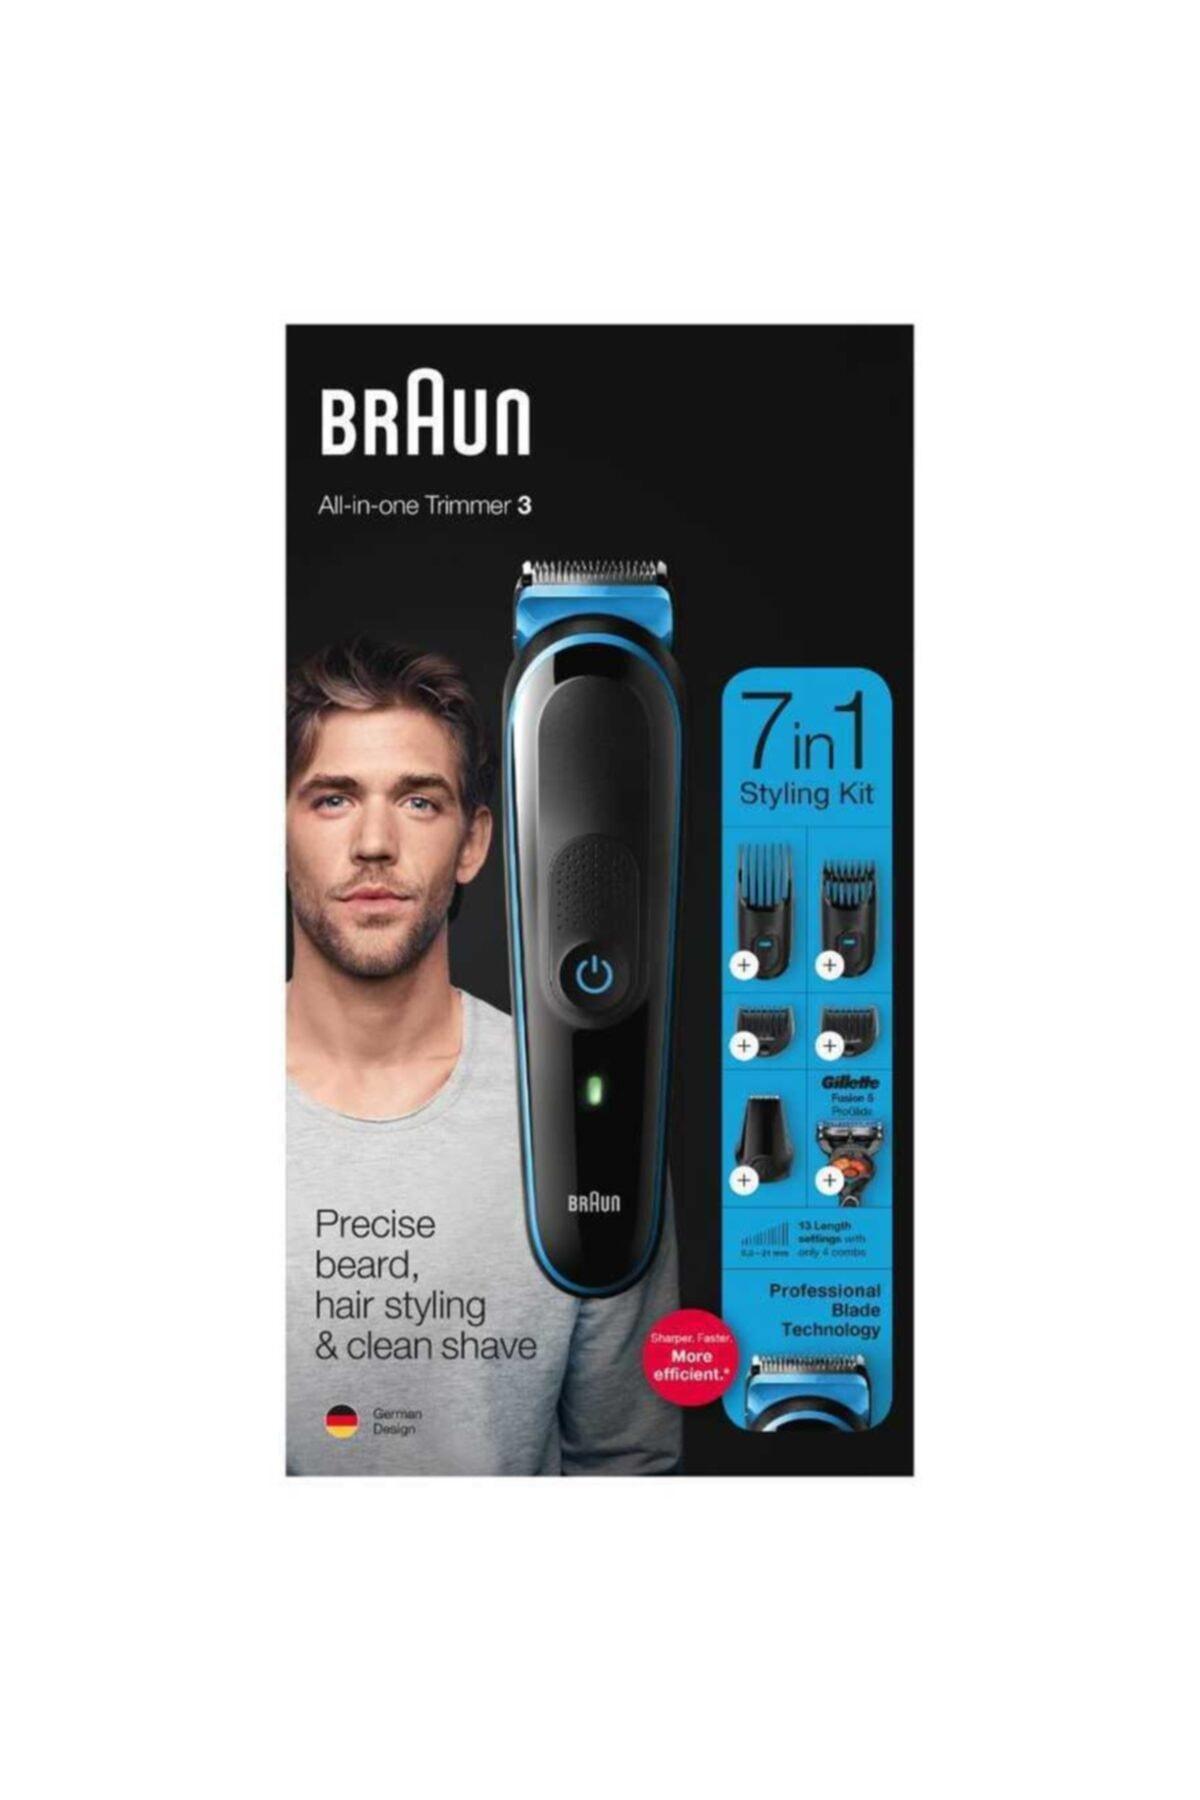 Braun Mgk 3245 Erkek Bakım Kiti 7in1 Şekillendirici + Gillette Hediye 2